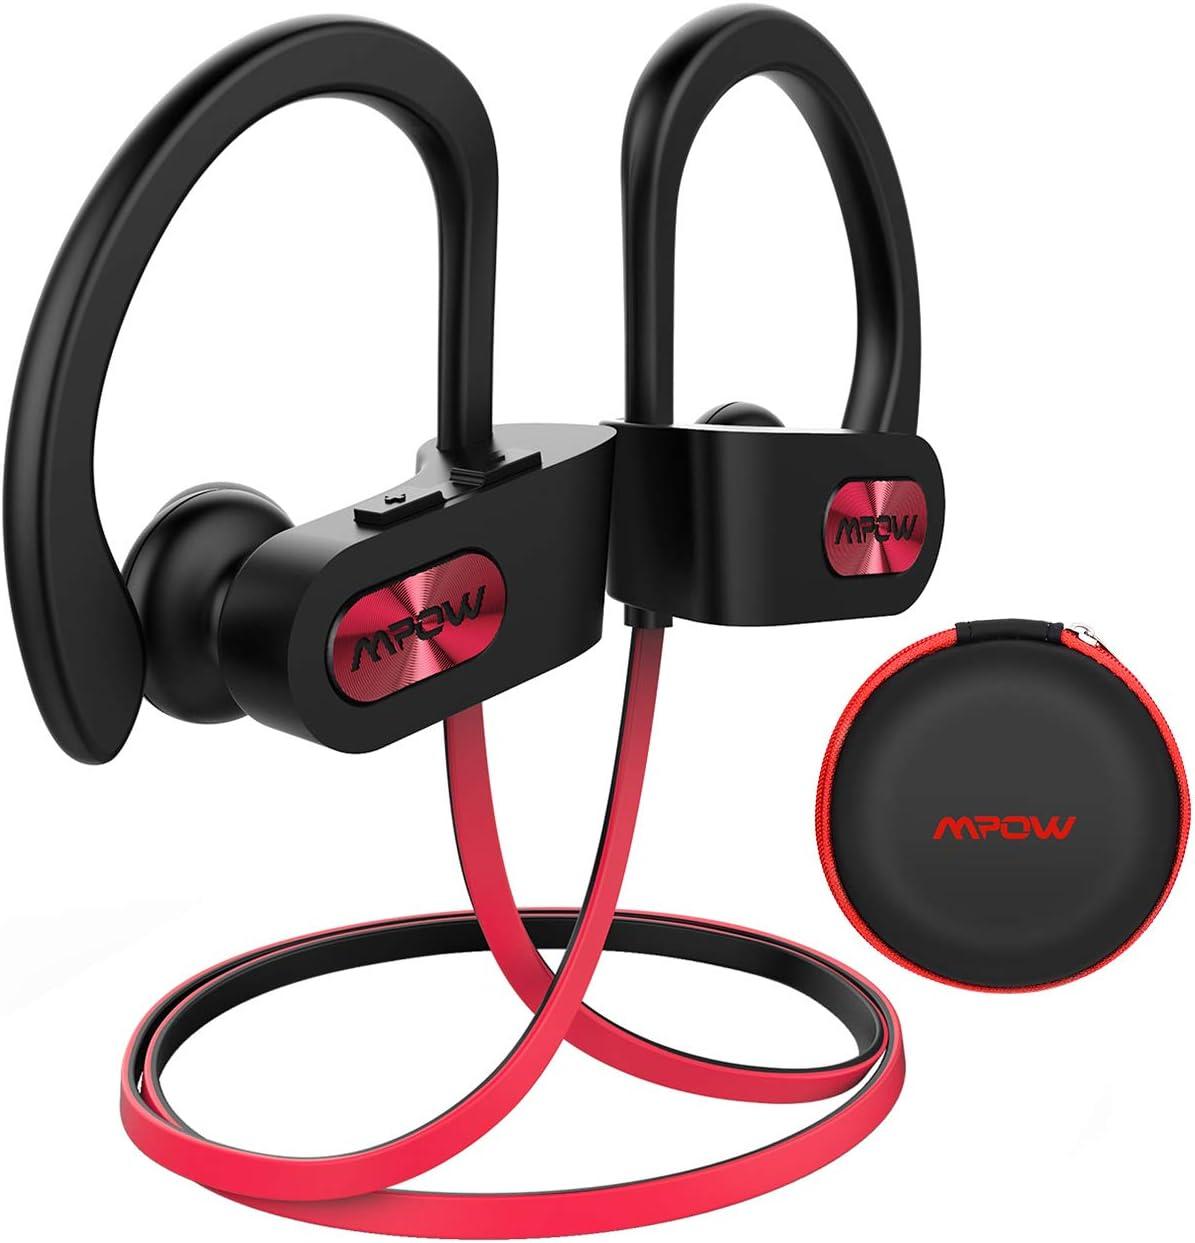 Mpow Auriculares Bluetooth Deportivos, Flame Inalámbricos Running IPX7 Impermeable Cascos V5.0 In-Ear, Correr con Micrófono, Cancelación de Ruido Gimnasio,Viajes,Deporte para iPhone Android